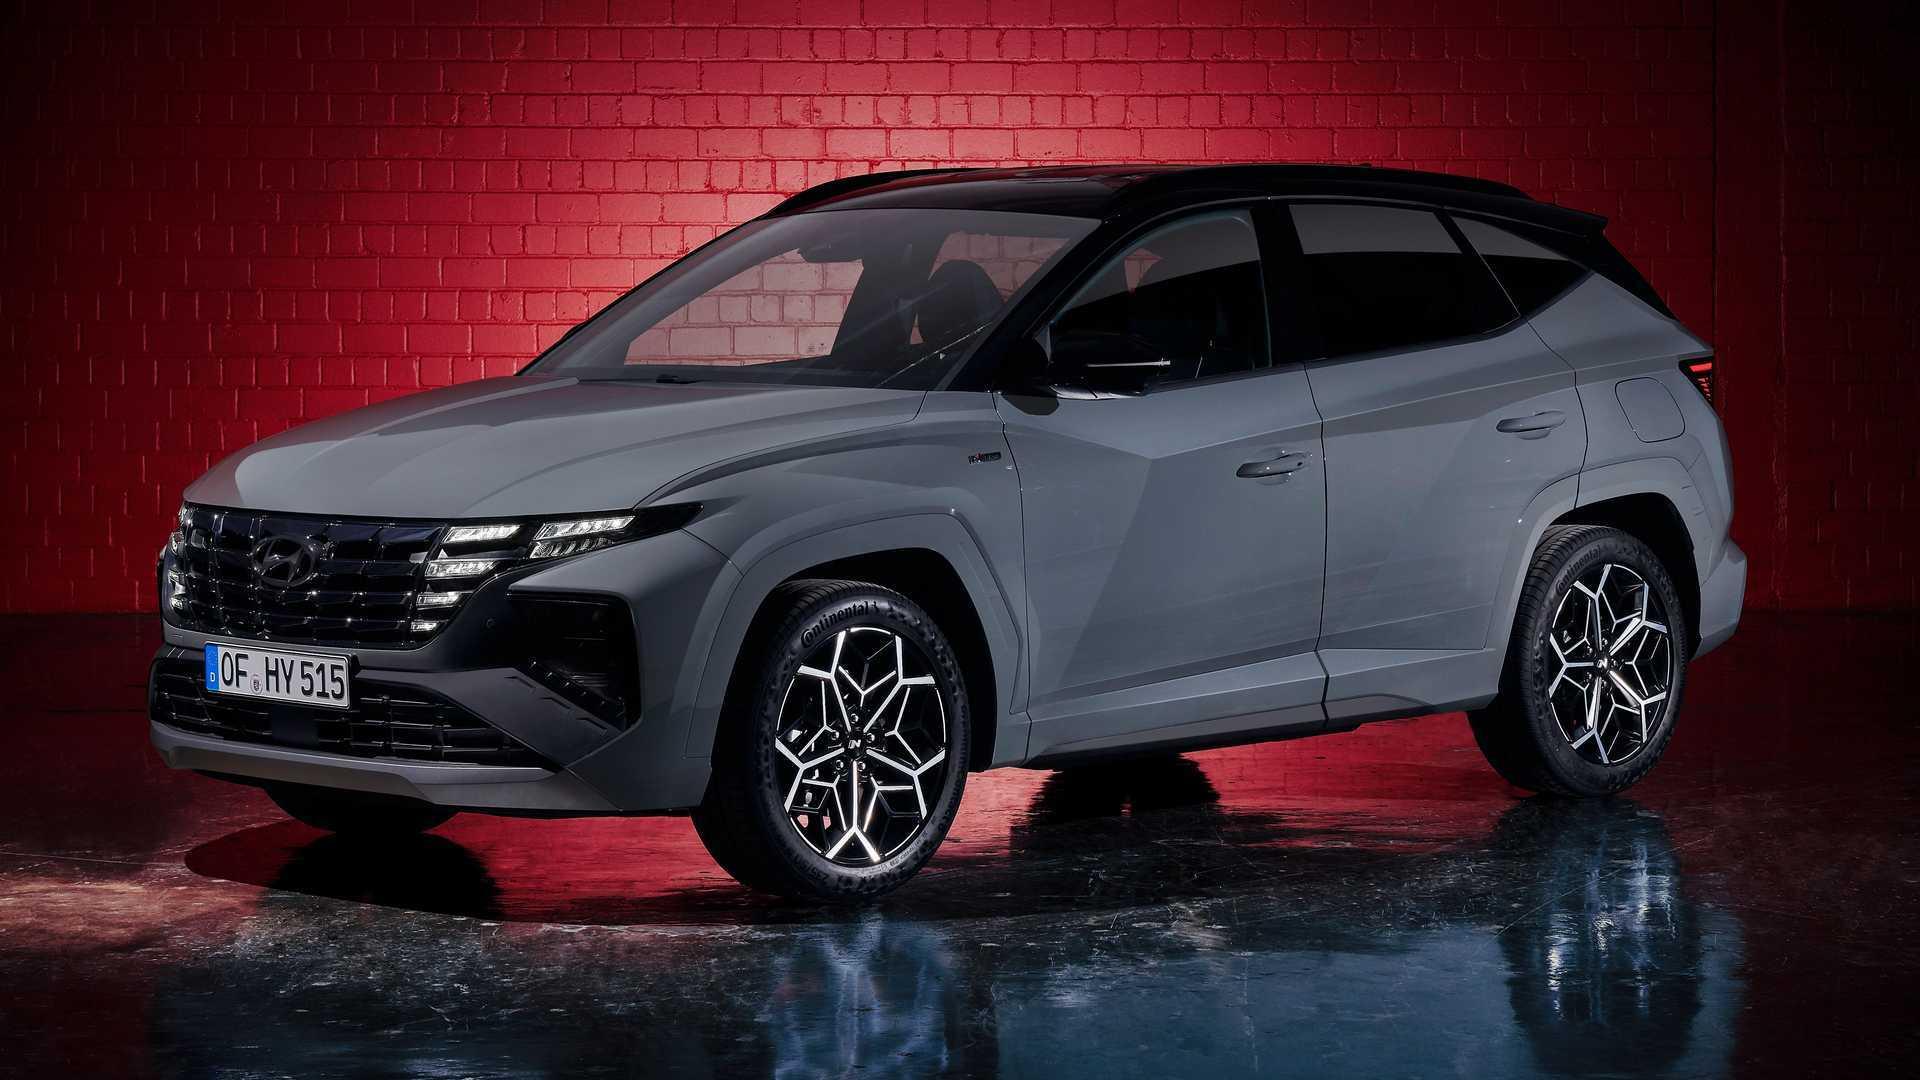 Hyundai Tucson N Line 2021 года представит спортивный облик и модернизированную подвеску